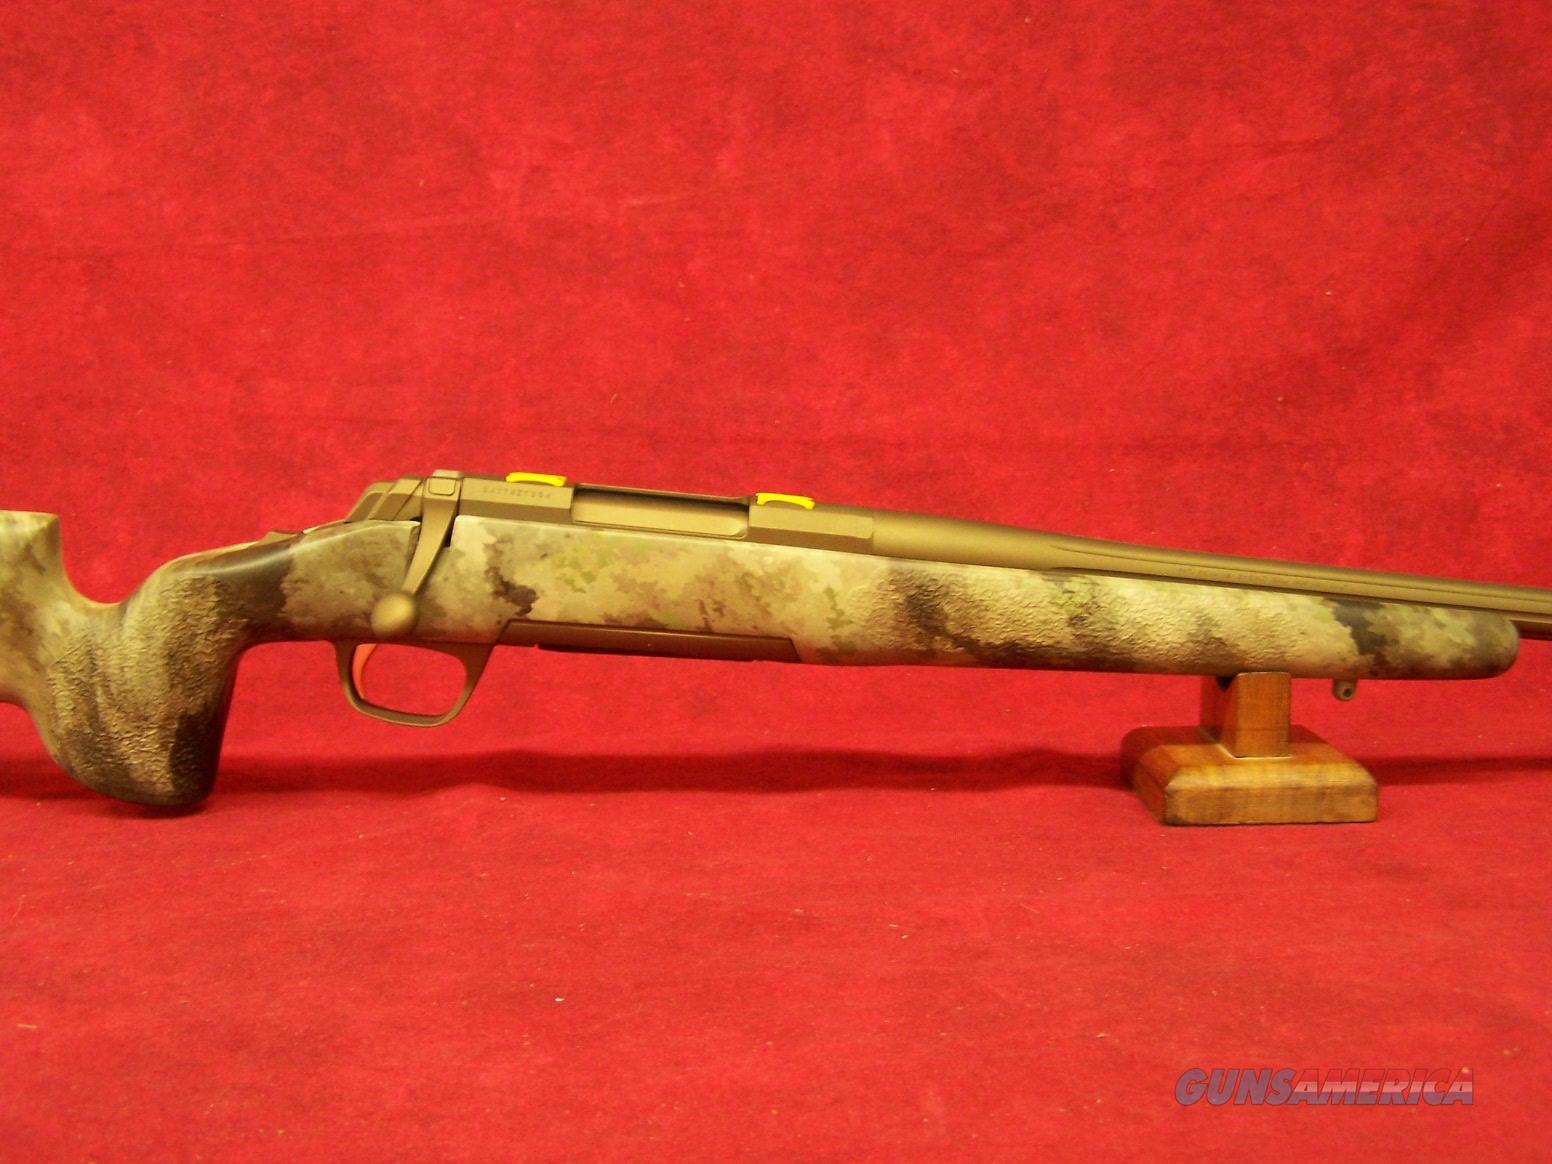 BROWNING X-BOLT HELLS CANYON LR McMillan 300 WSM MUZZLE BRAKE (035395246)  Guns > Rifles > Browning Rifles > Bolt Action > Hunting > Blue